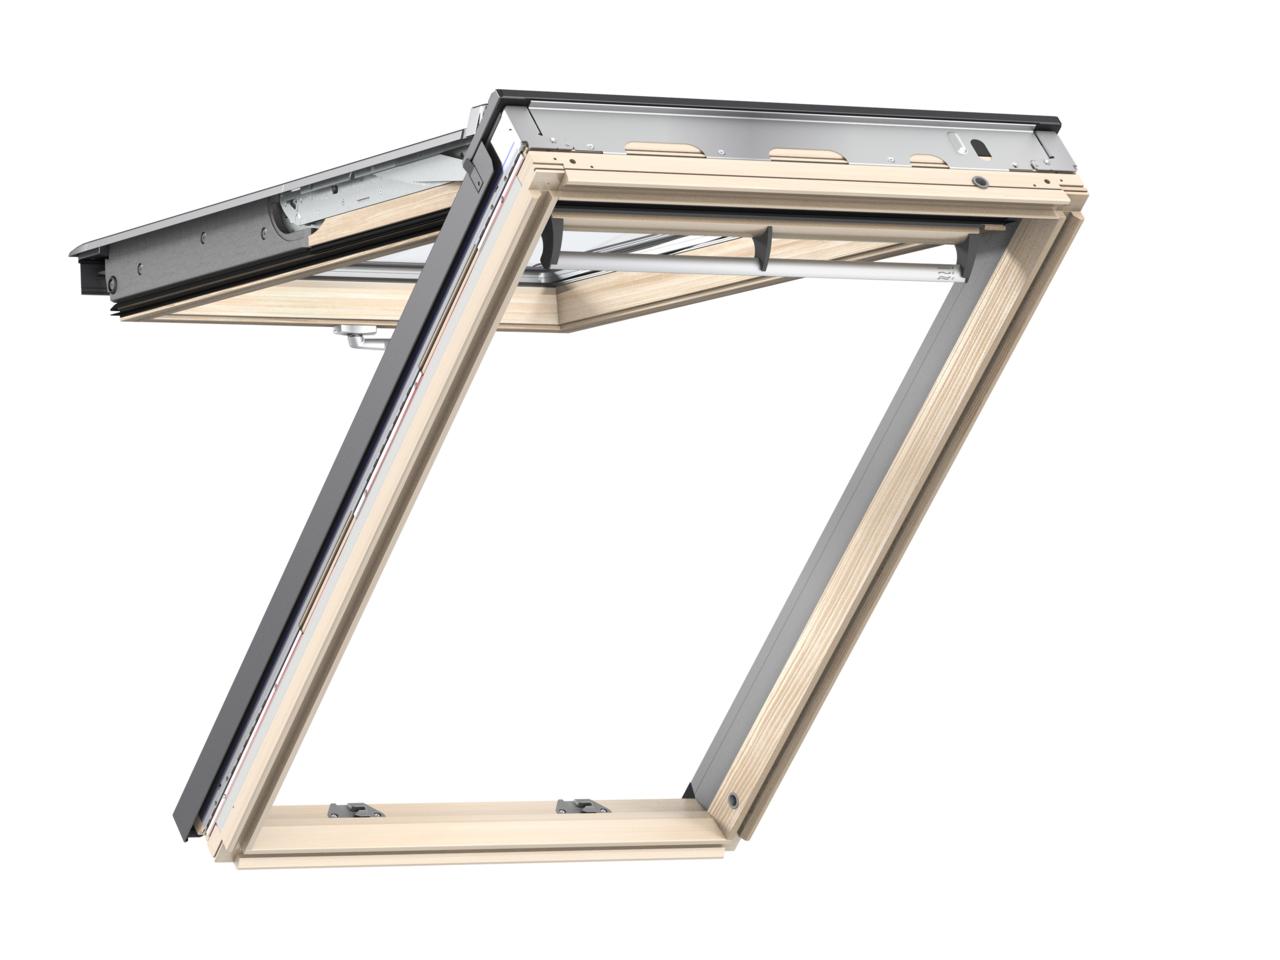 Výklopně-kyvné okno VELUX GPL 3066 rozměr: MK06 78x118 cm